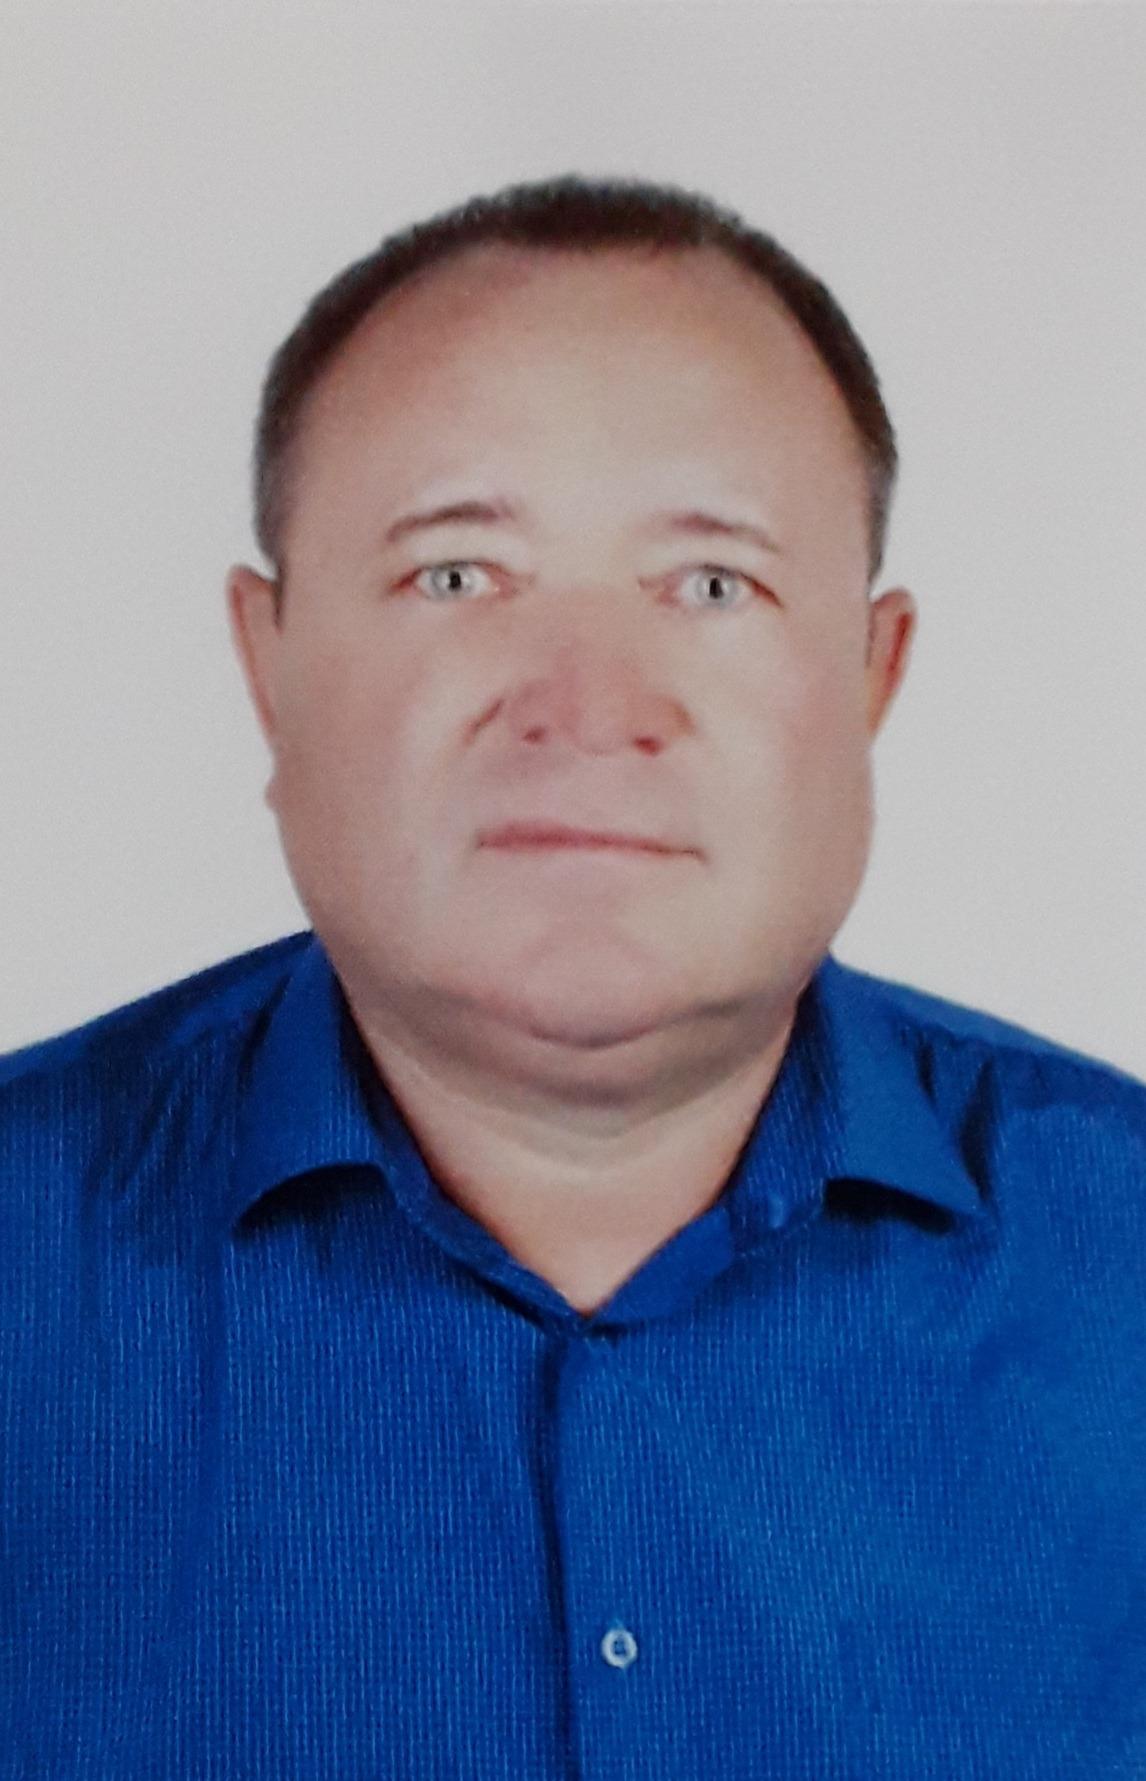 ДРАГАНЧУК Микола Миколайович